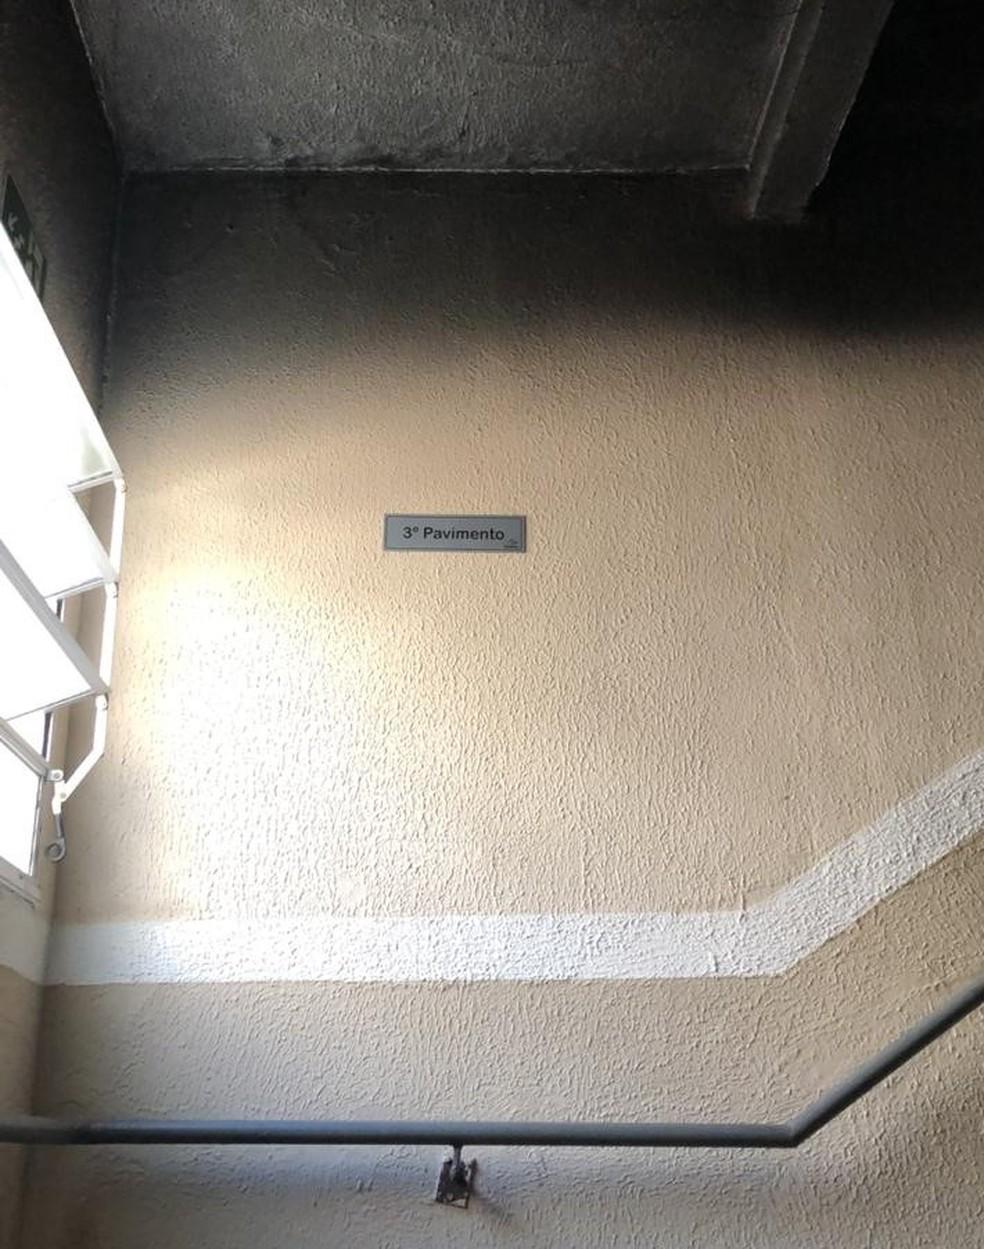 Teto da escada de serviço também foi danificado pelo fogo e fumaça — Foto: Reprodução/WhatsApp TV Rio Sul